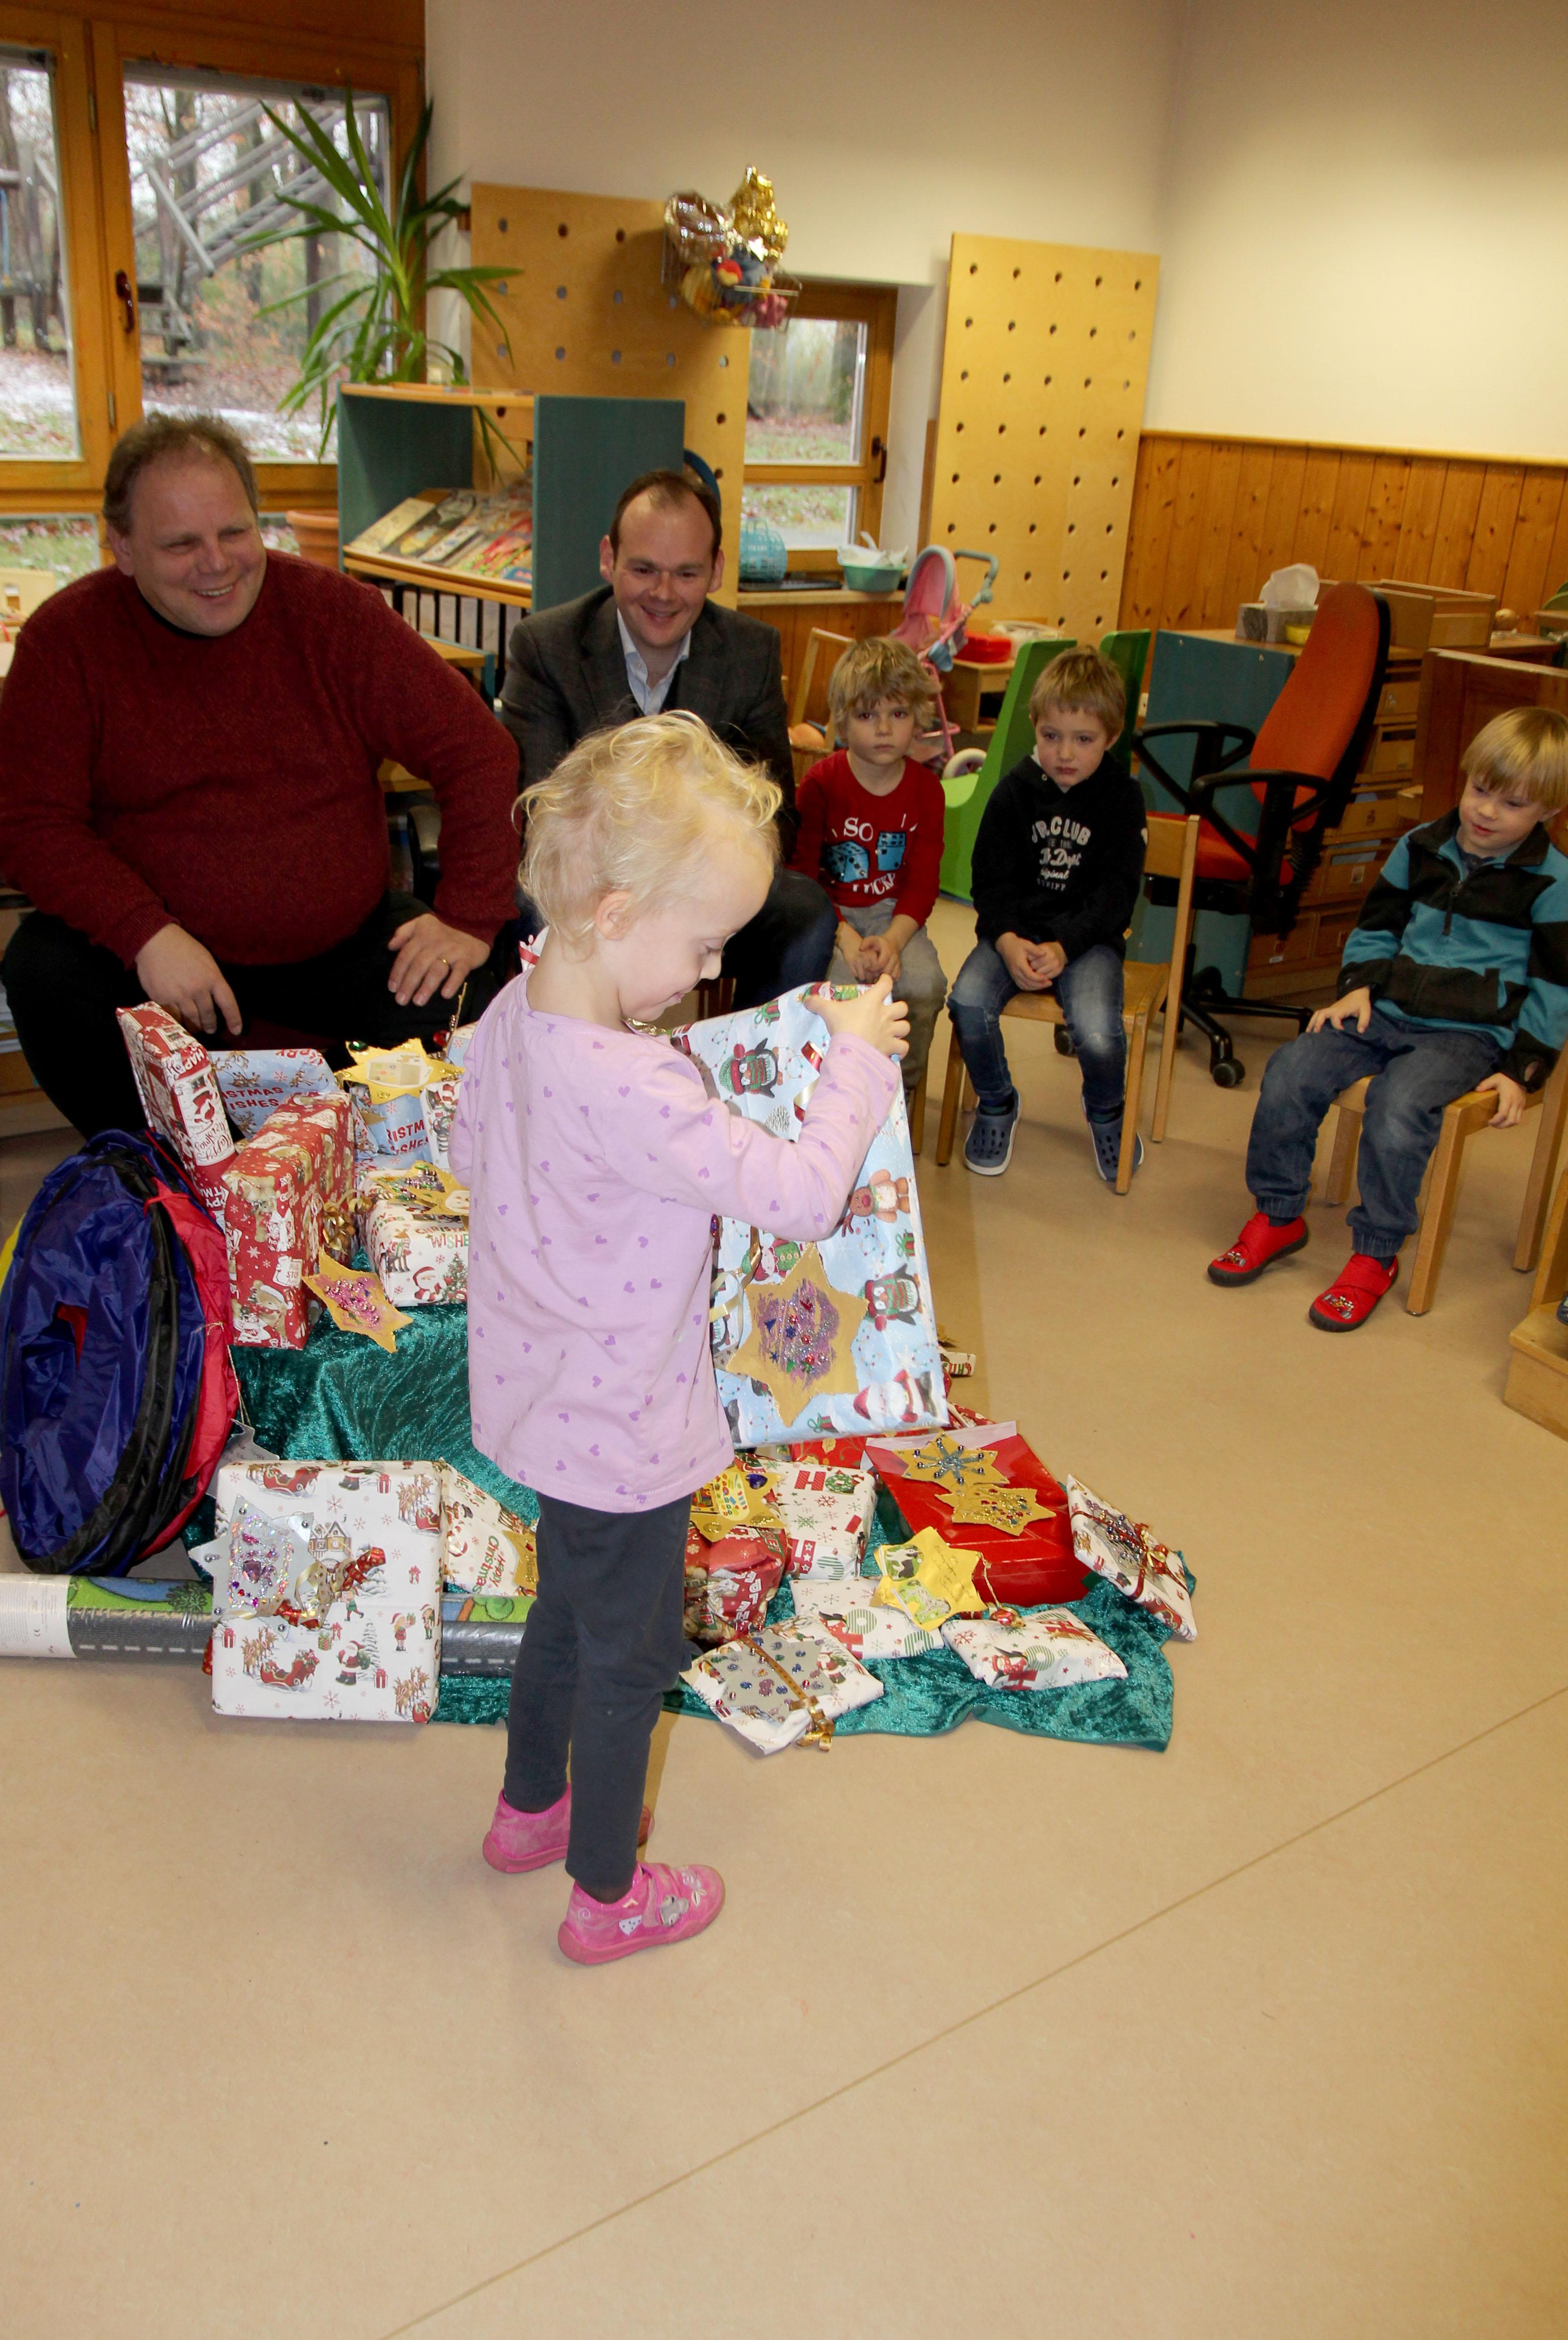 ... in der Inklusiven Kita Hersbruck war noch einmal Weihnachten. Die Wunschbaum-Aktion des Intercityhotels Nürnberg bringt Kinderaugen immer wieder zum Strahlen.